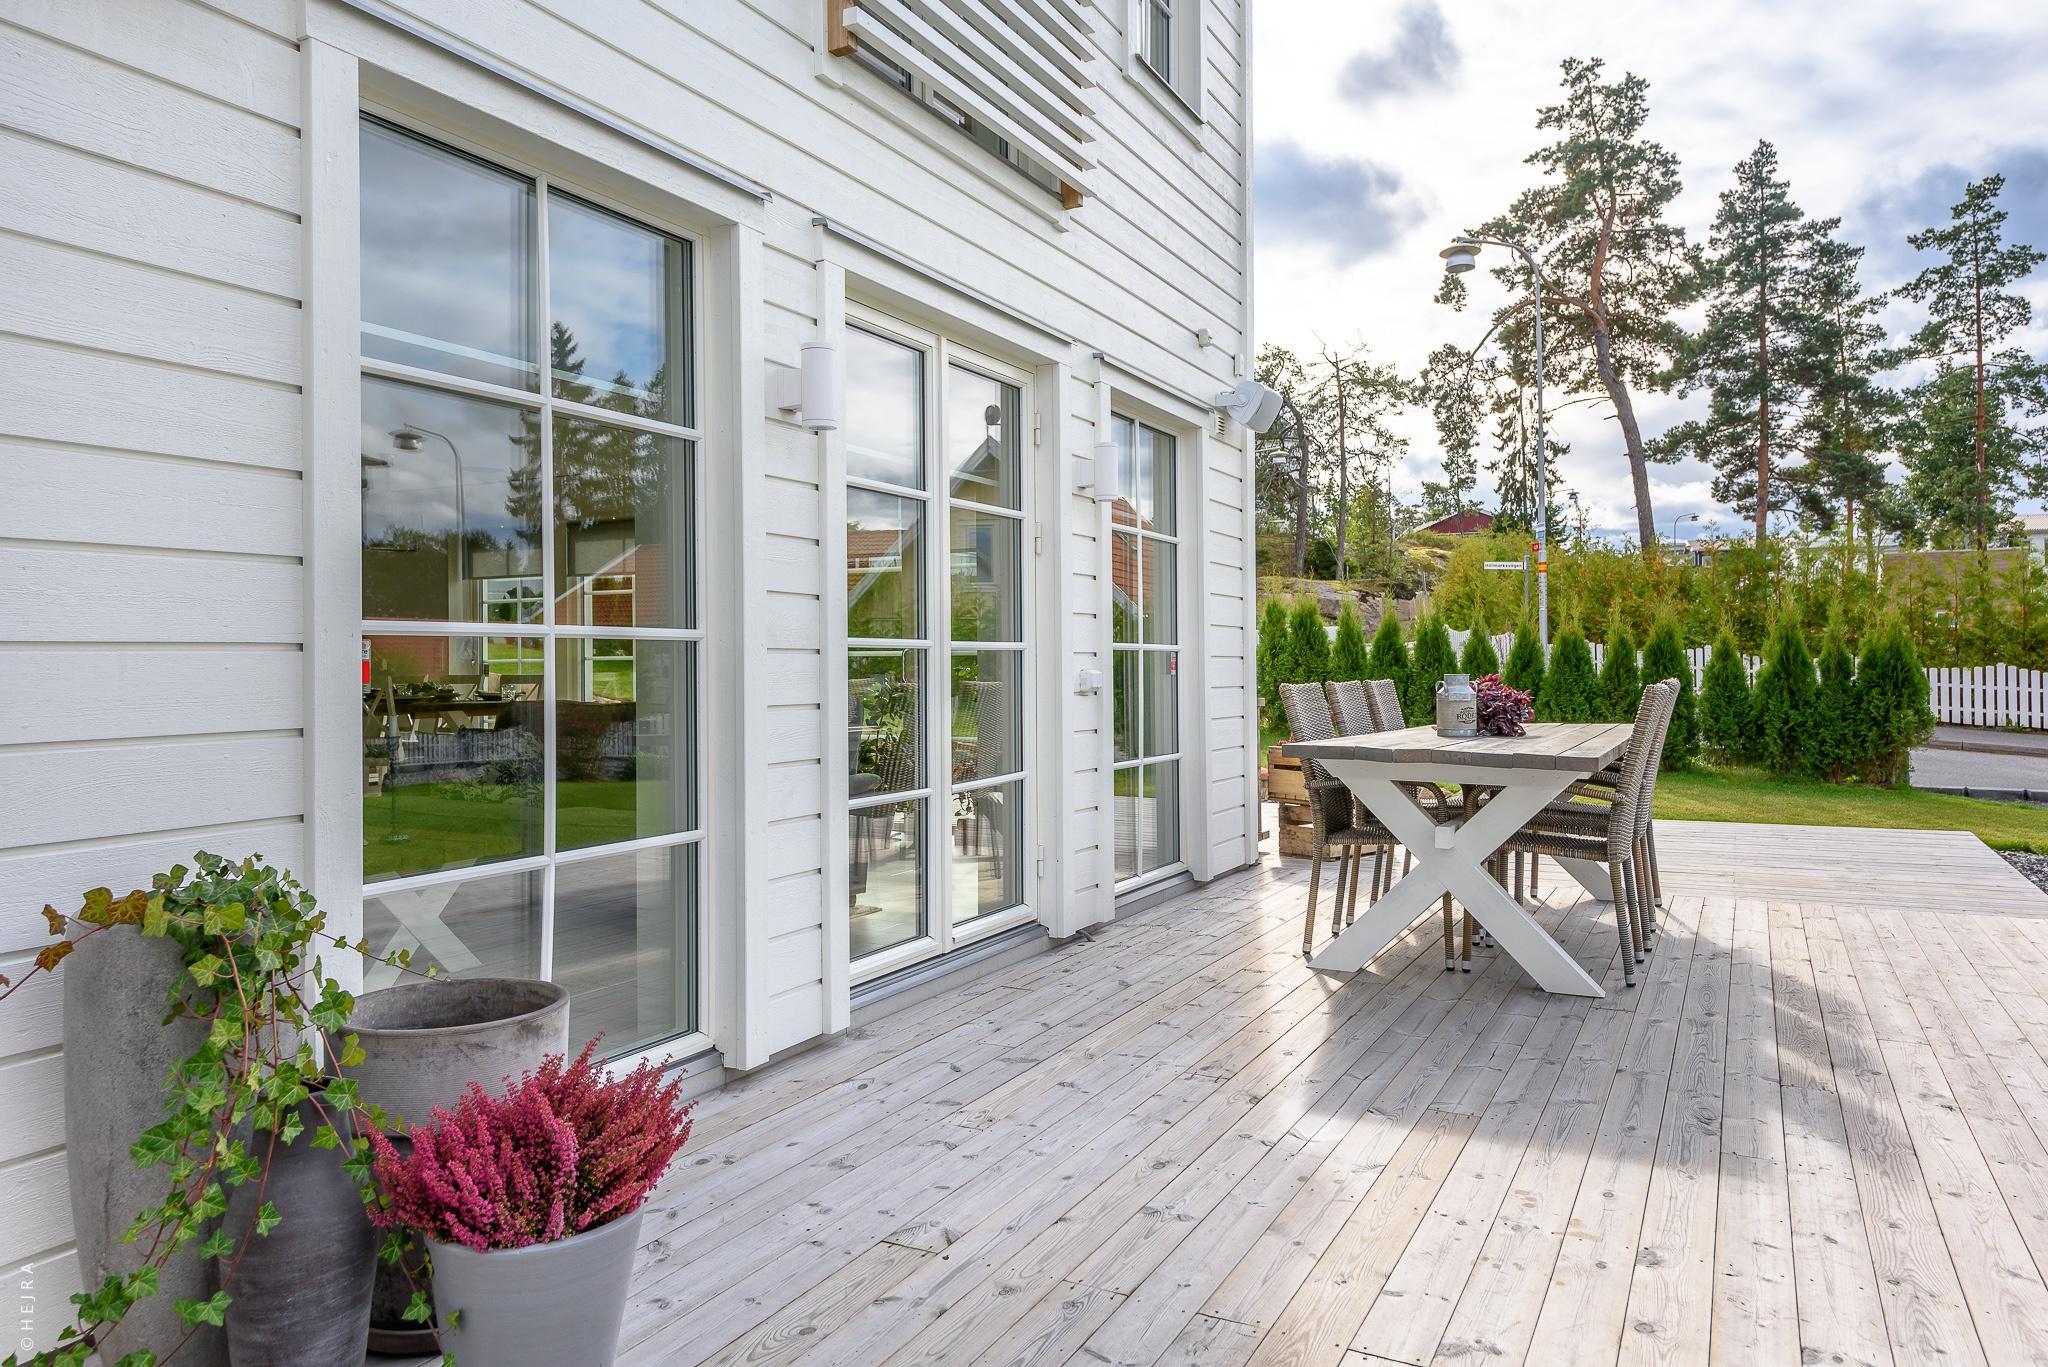 французские двери терраса деревянный настил уличная мебель